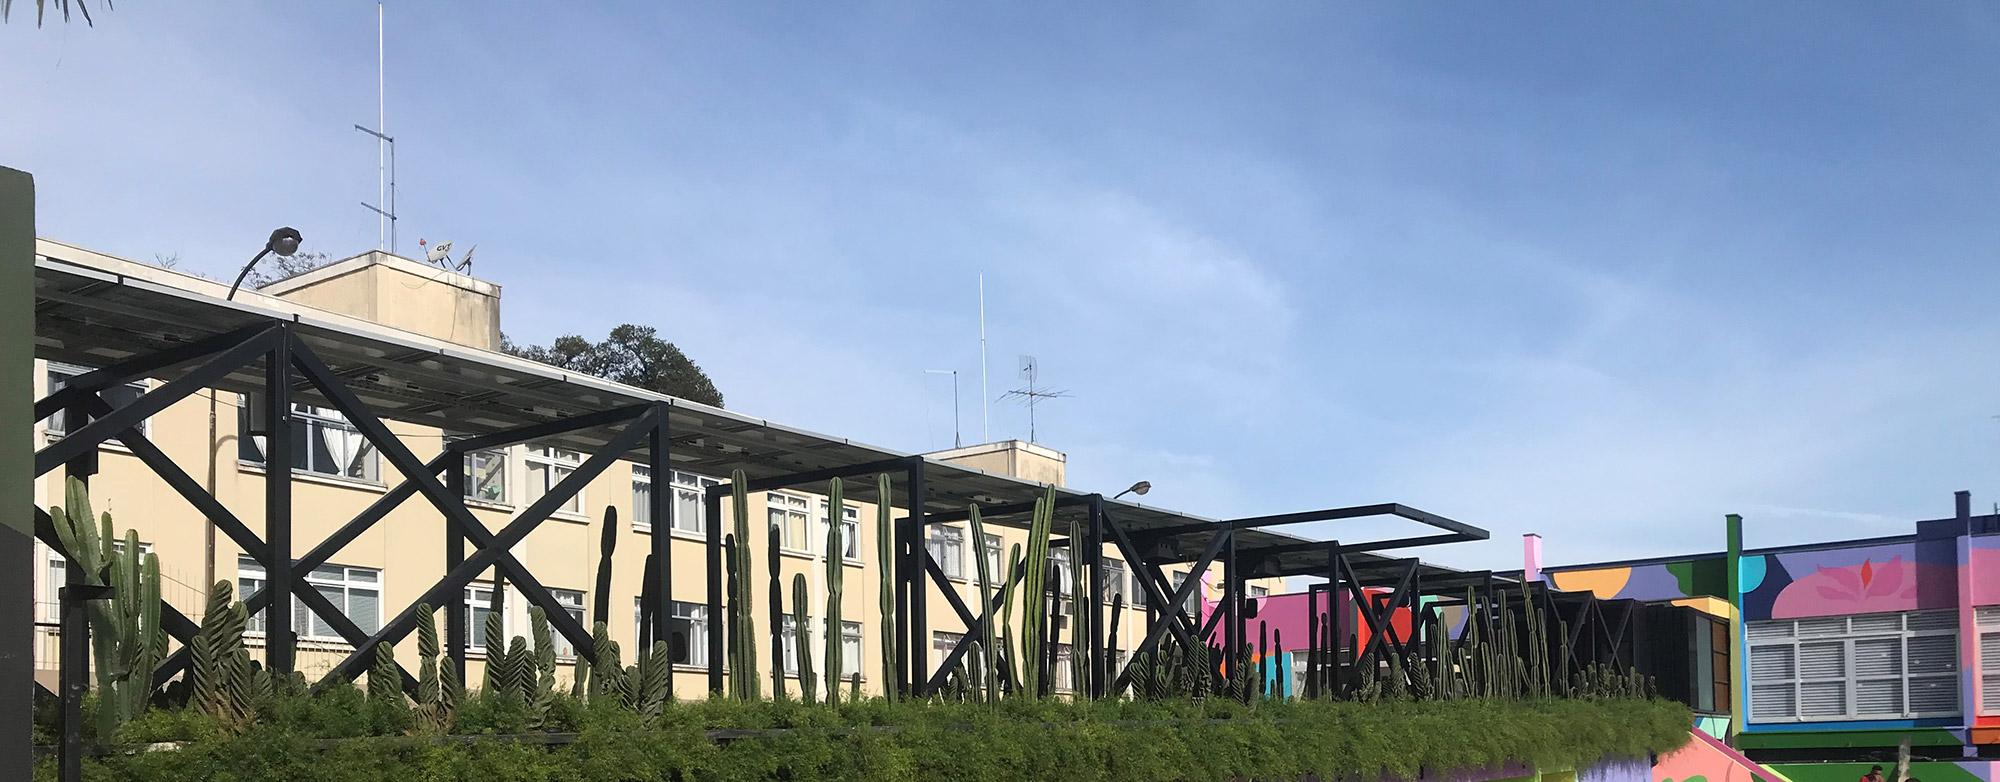 CASACOR Paraná 2021 apresenta passarela de 38 m² que capta energia solar